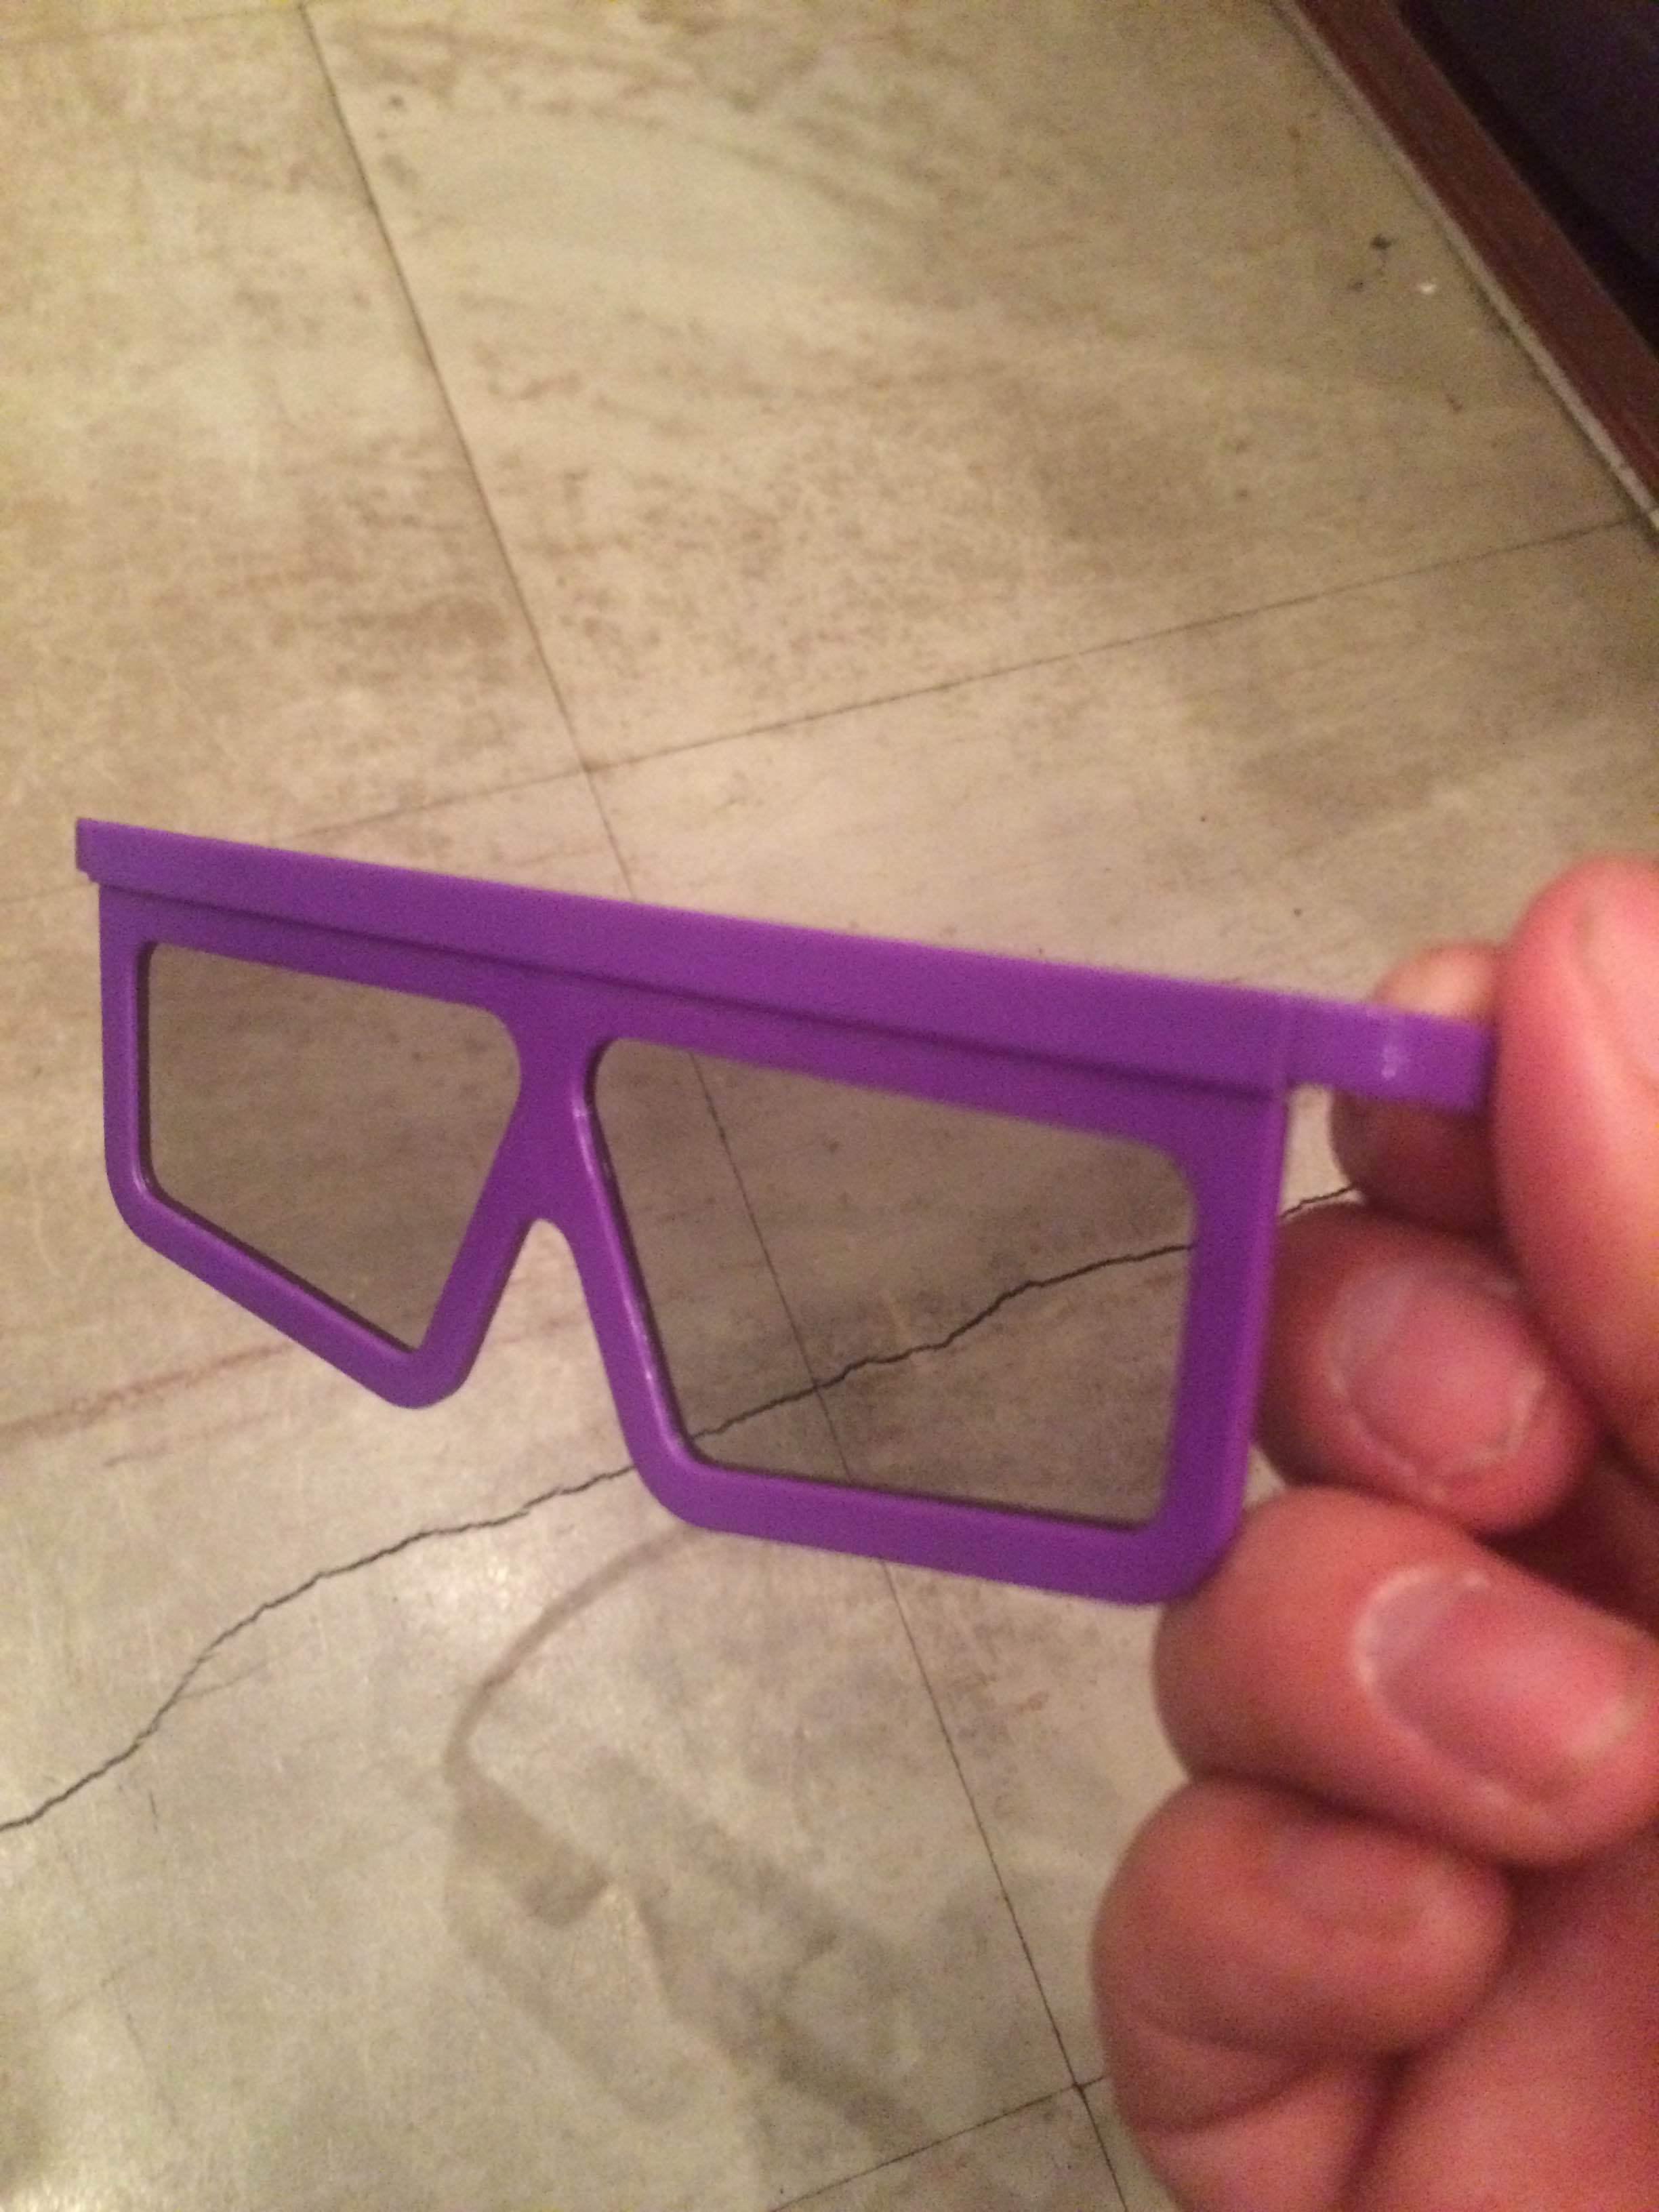 本番でもこのメガネを使用して舞台を鑑賞するとのこと